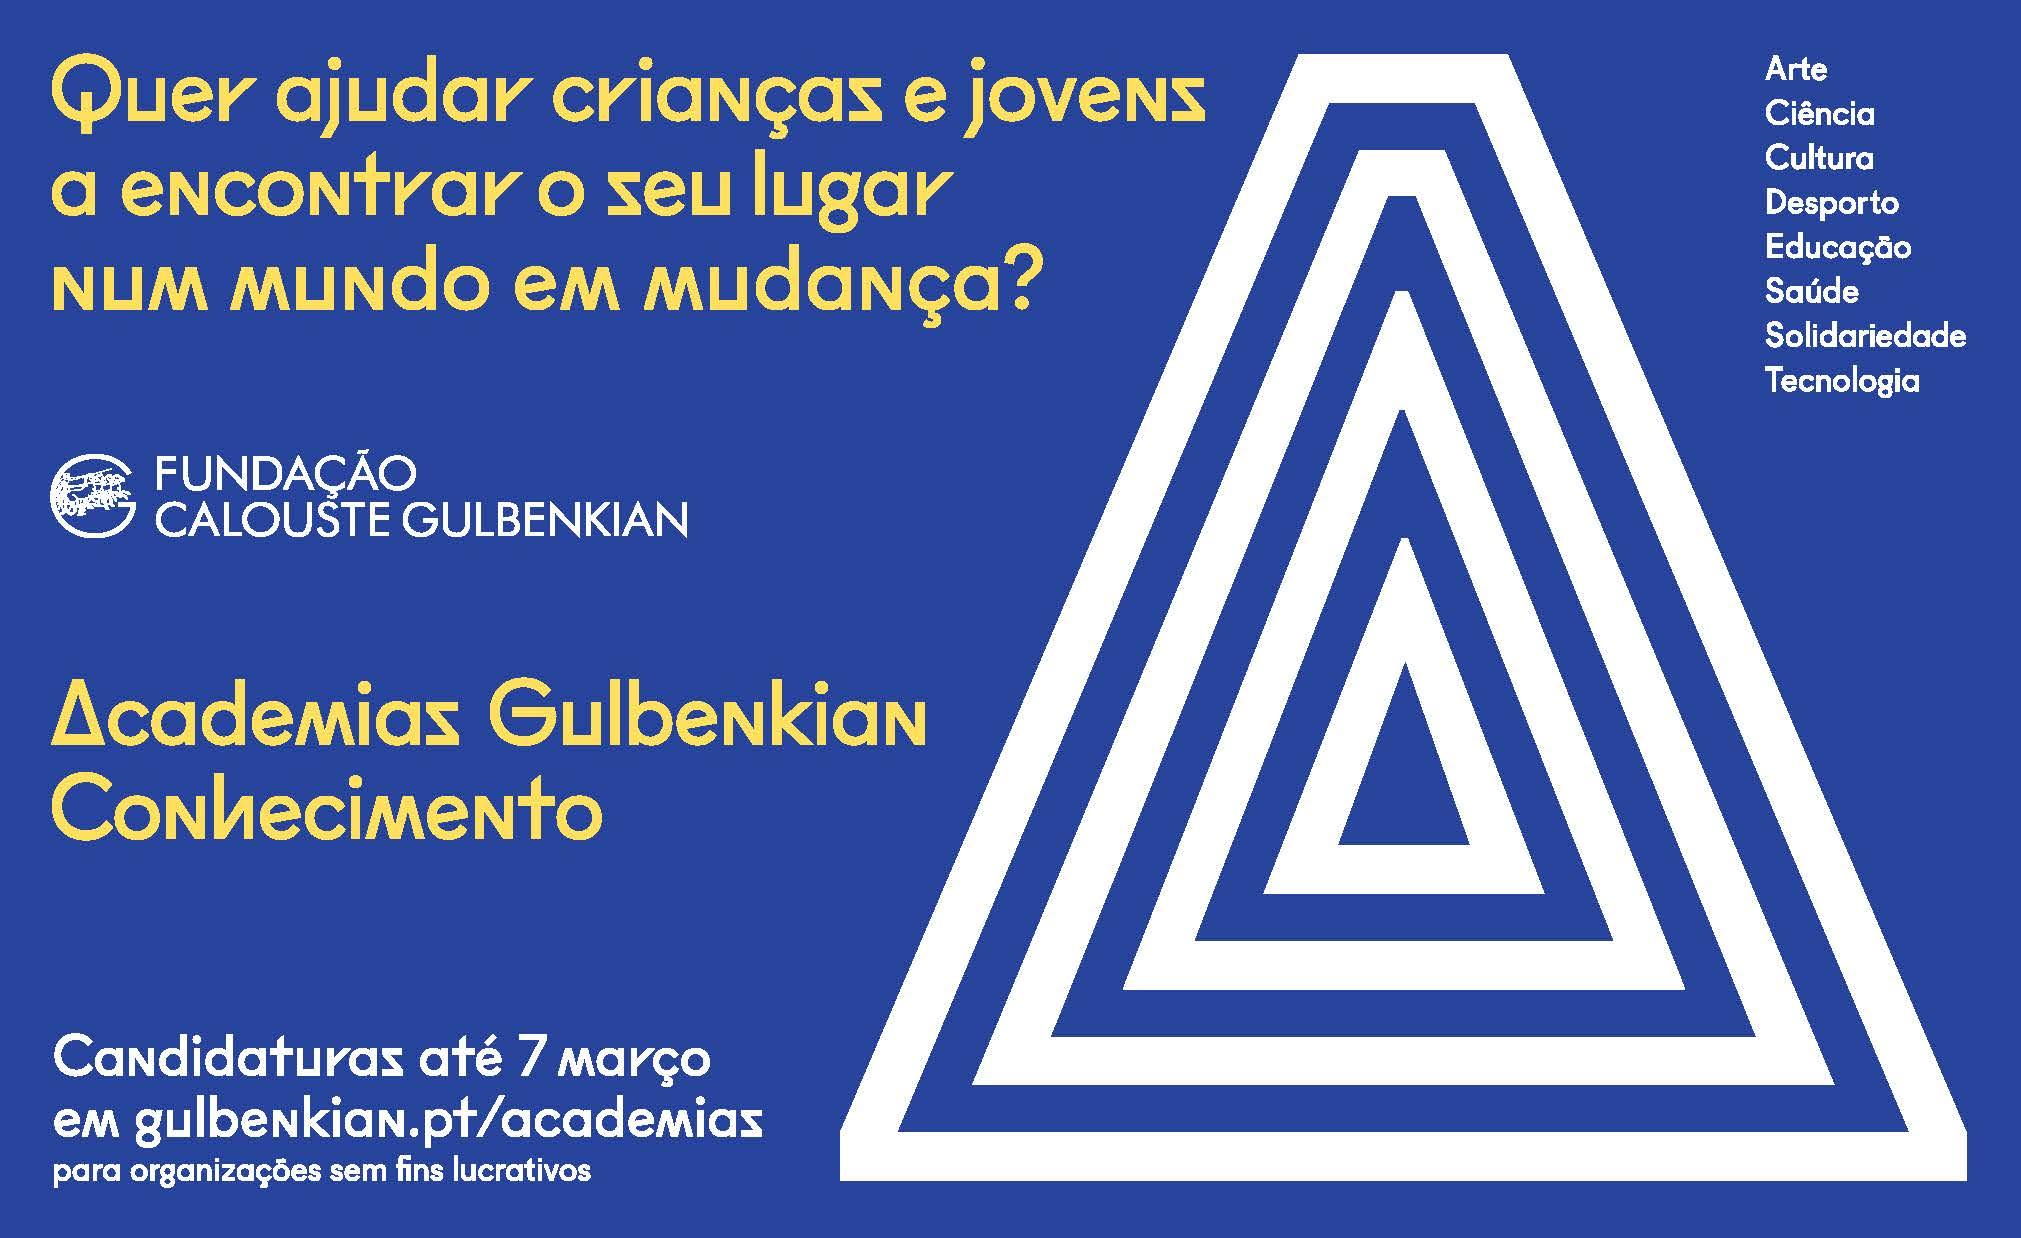 Academias Gulbenkian do Conhecimento